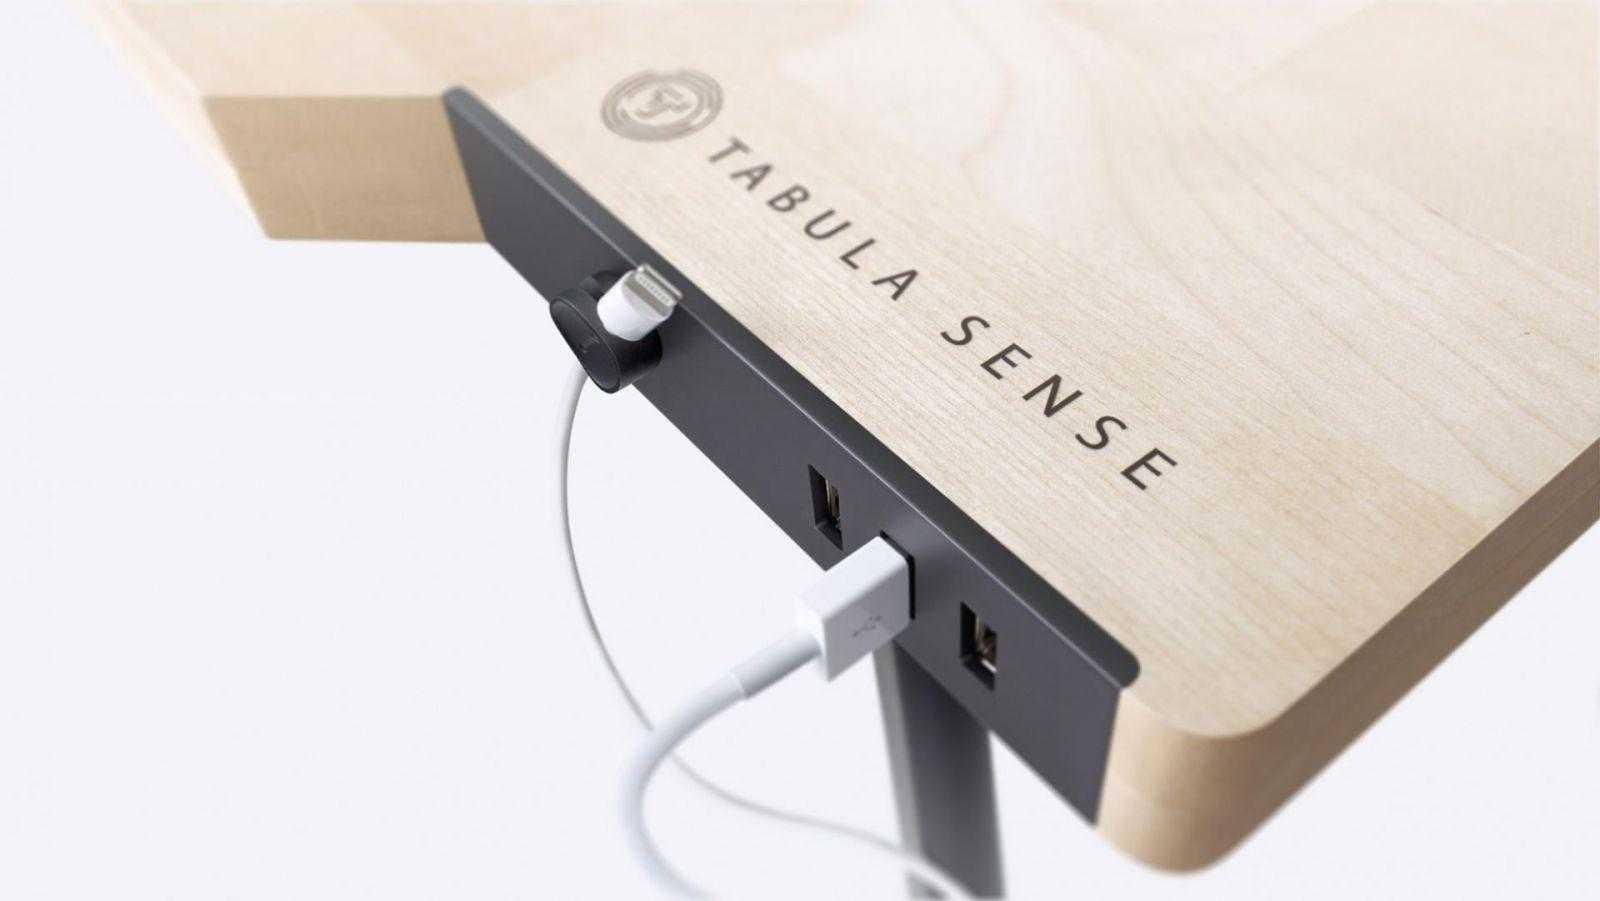 4 - Российская компания Tabula Sense выпускает мебель для гиков